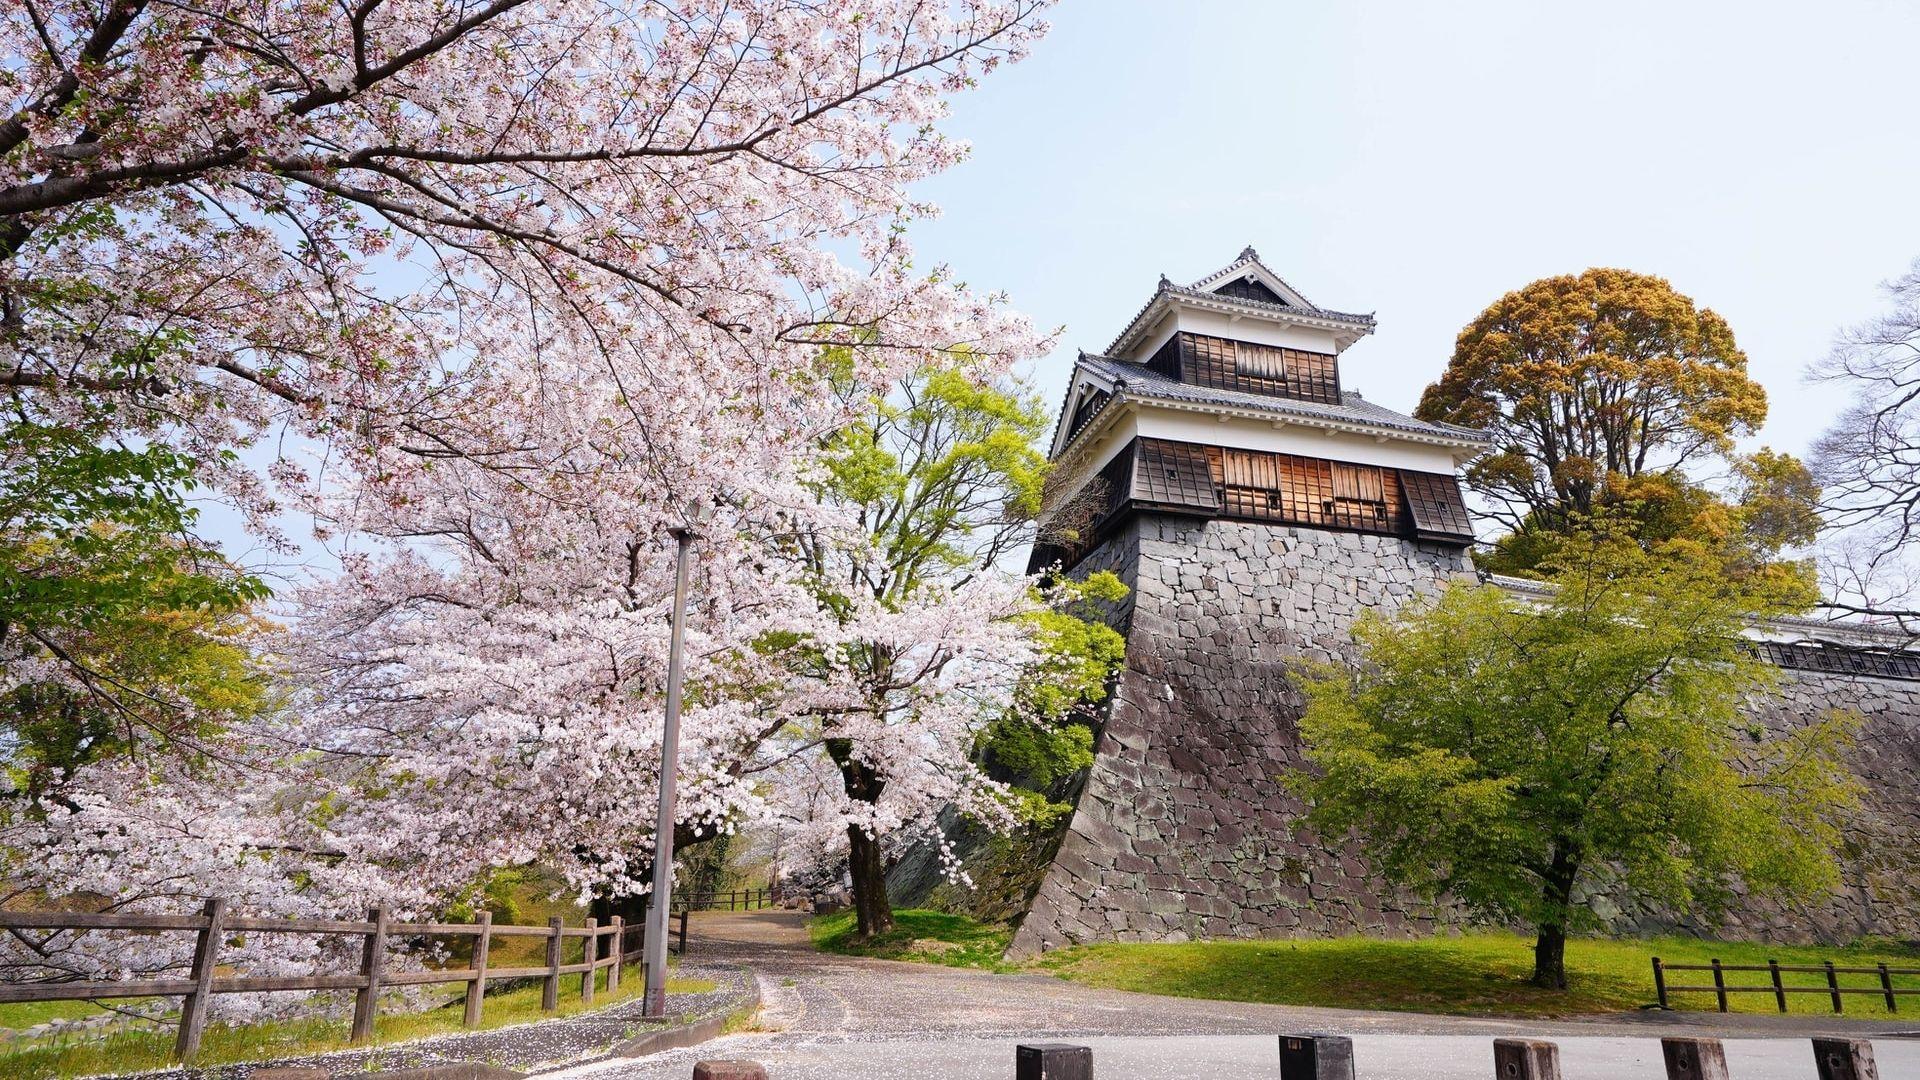 熊本でおすすめのバイク買取業者5選!業者選びのポイントや評判も